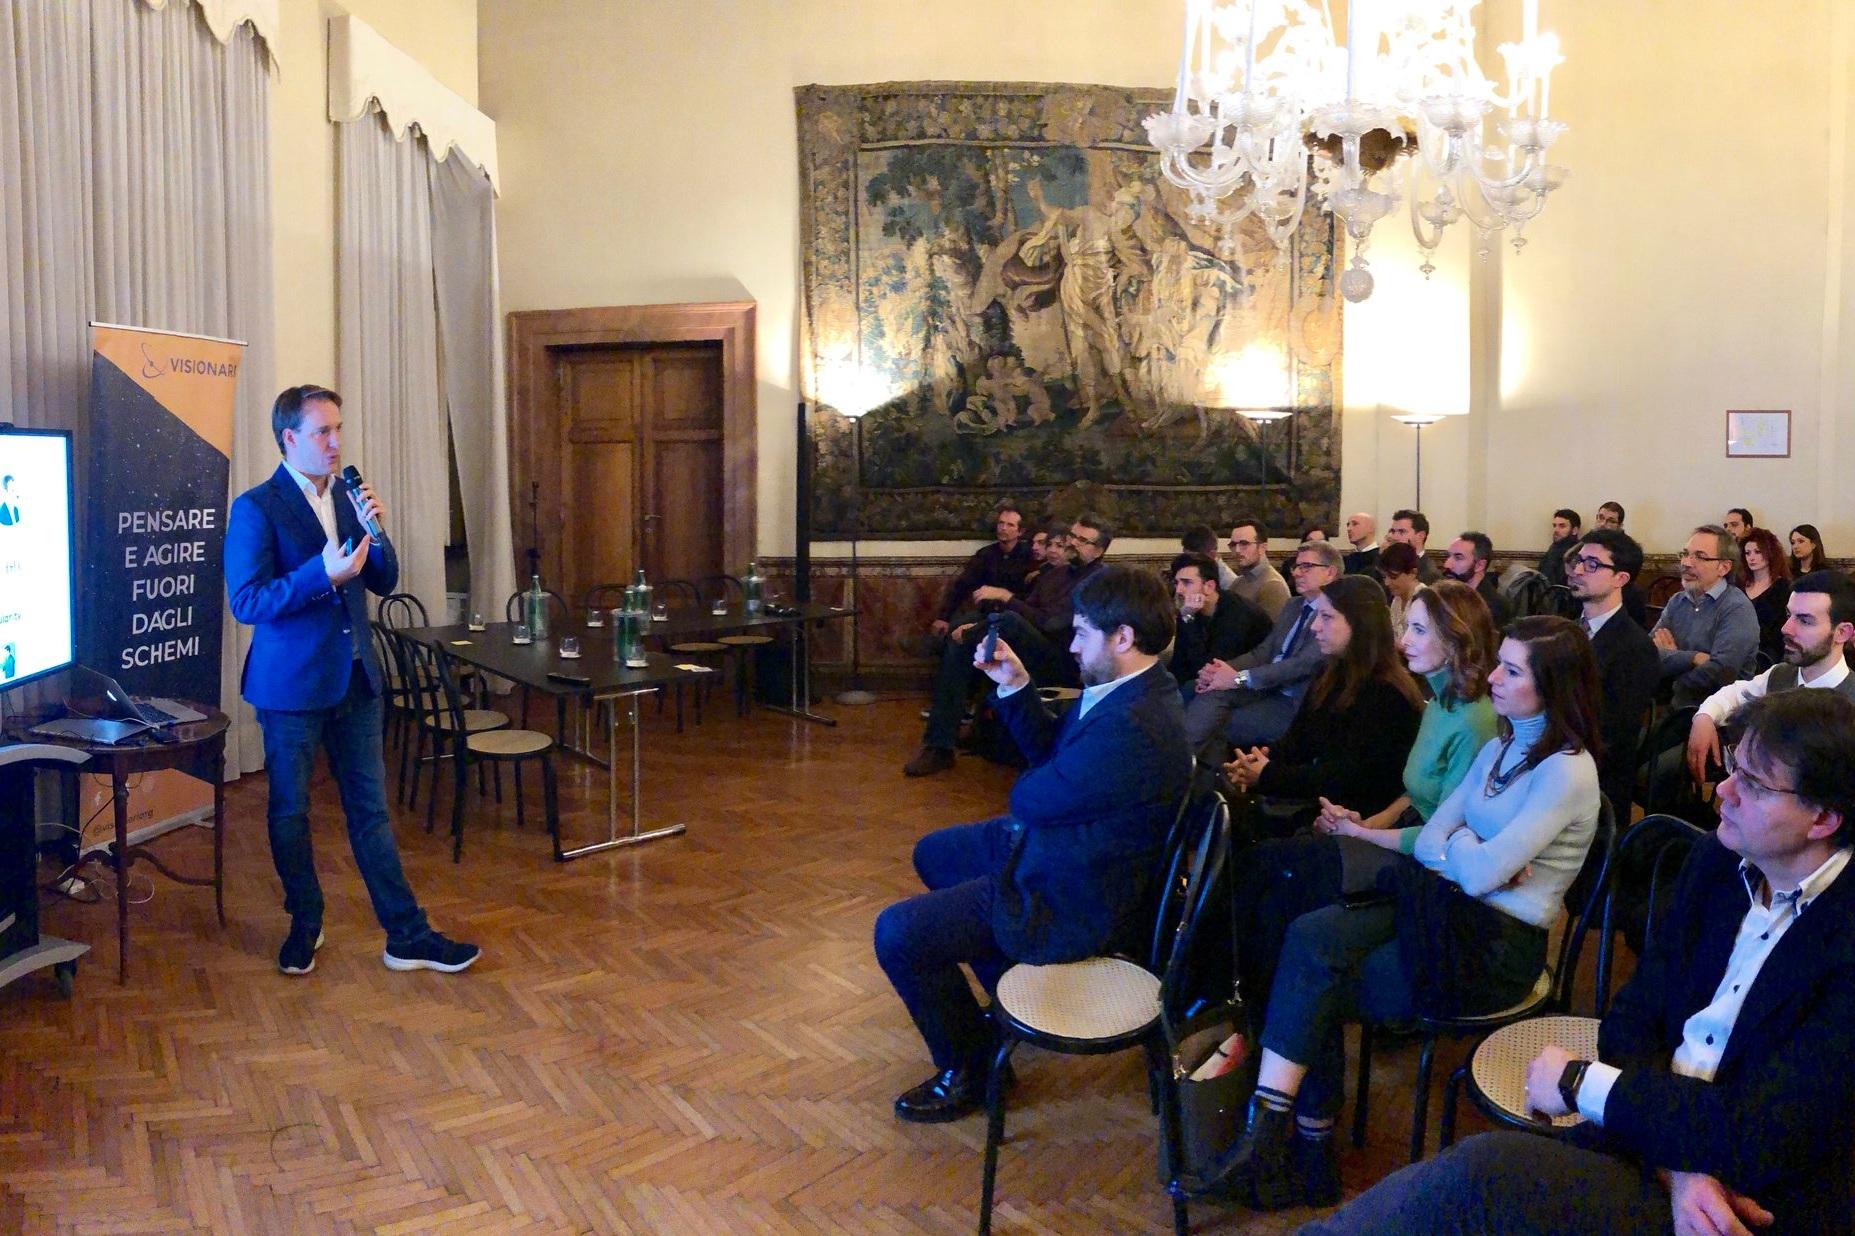 SOCIAL 2.0 - Come possono i Social impattare positivamente la società?Luca La Mesa top Social Media Strategist in Italia ci ha illustrato come i social possano mobilitare migliaia di persone a scopi benefici e come farlo nel modo giusto.Ma siamo sicuro che la direzione presa dalle Major dei social siano pro-society ? Ne abbiamo discusso insieme in un Salon: Social 2.0